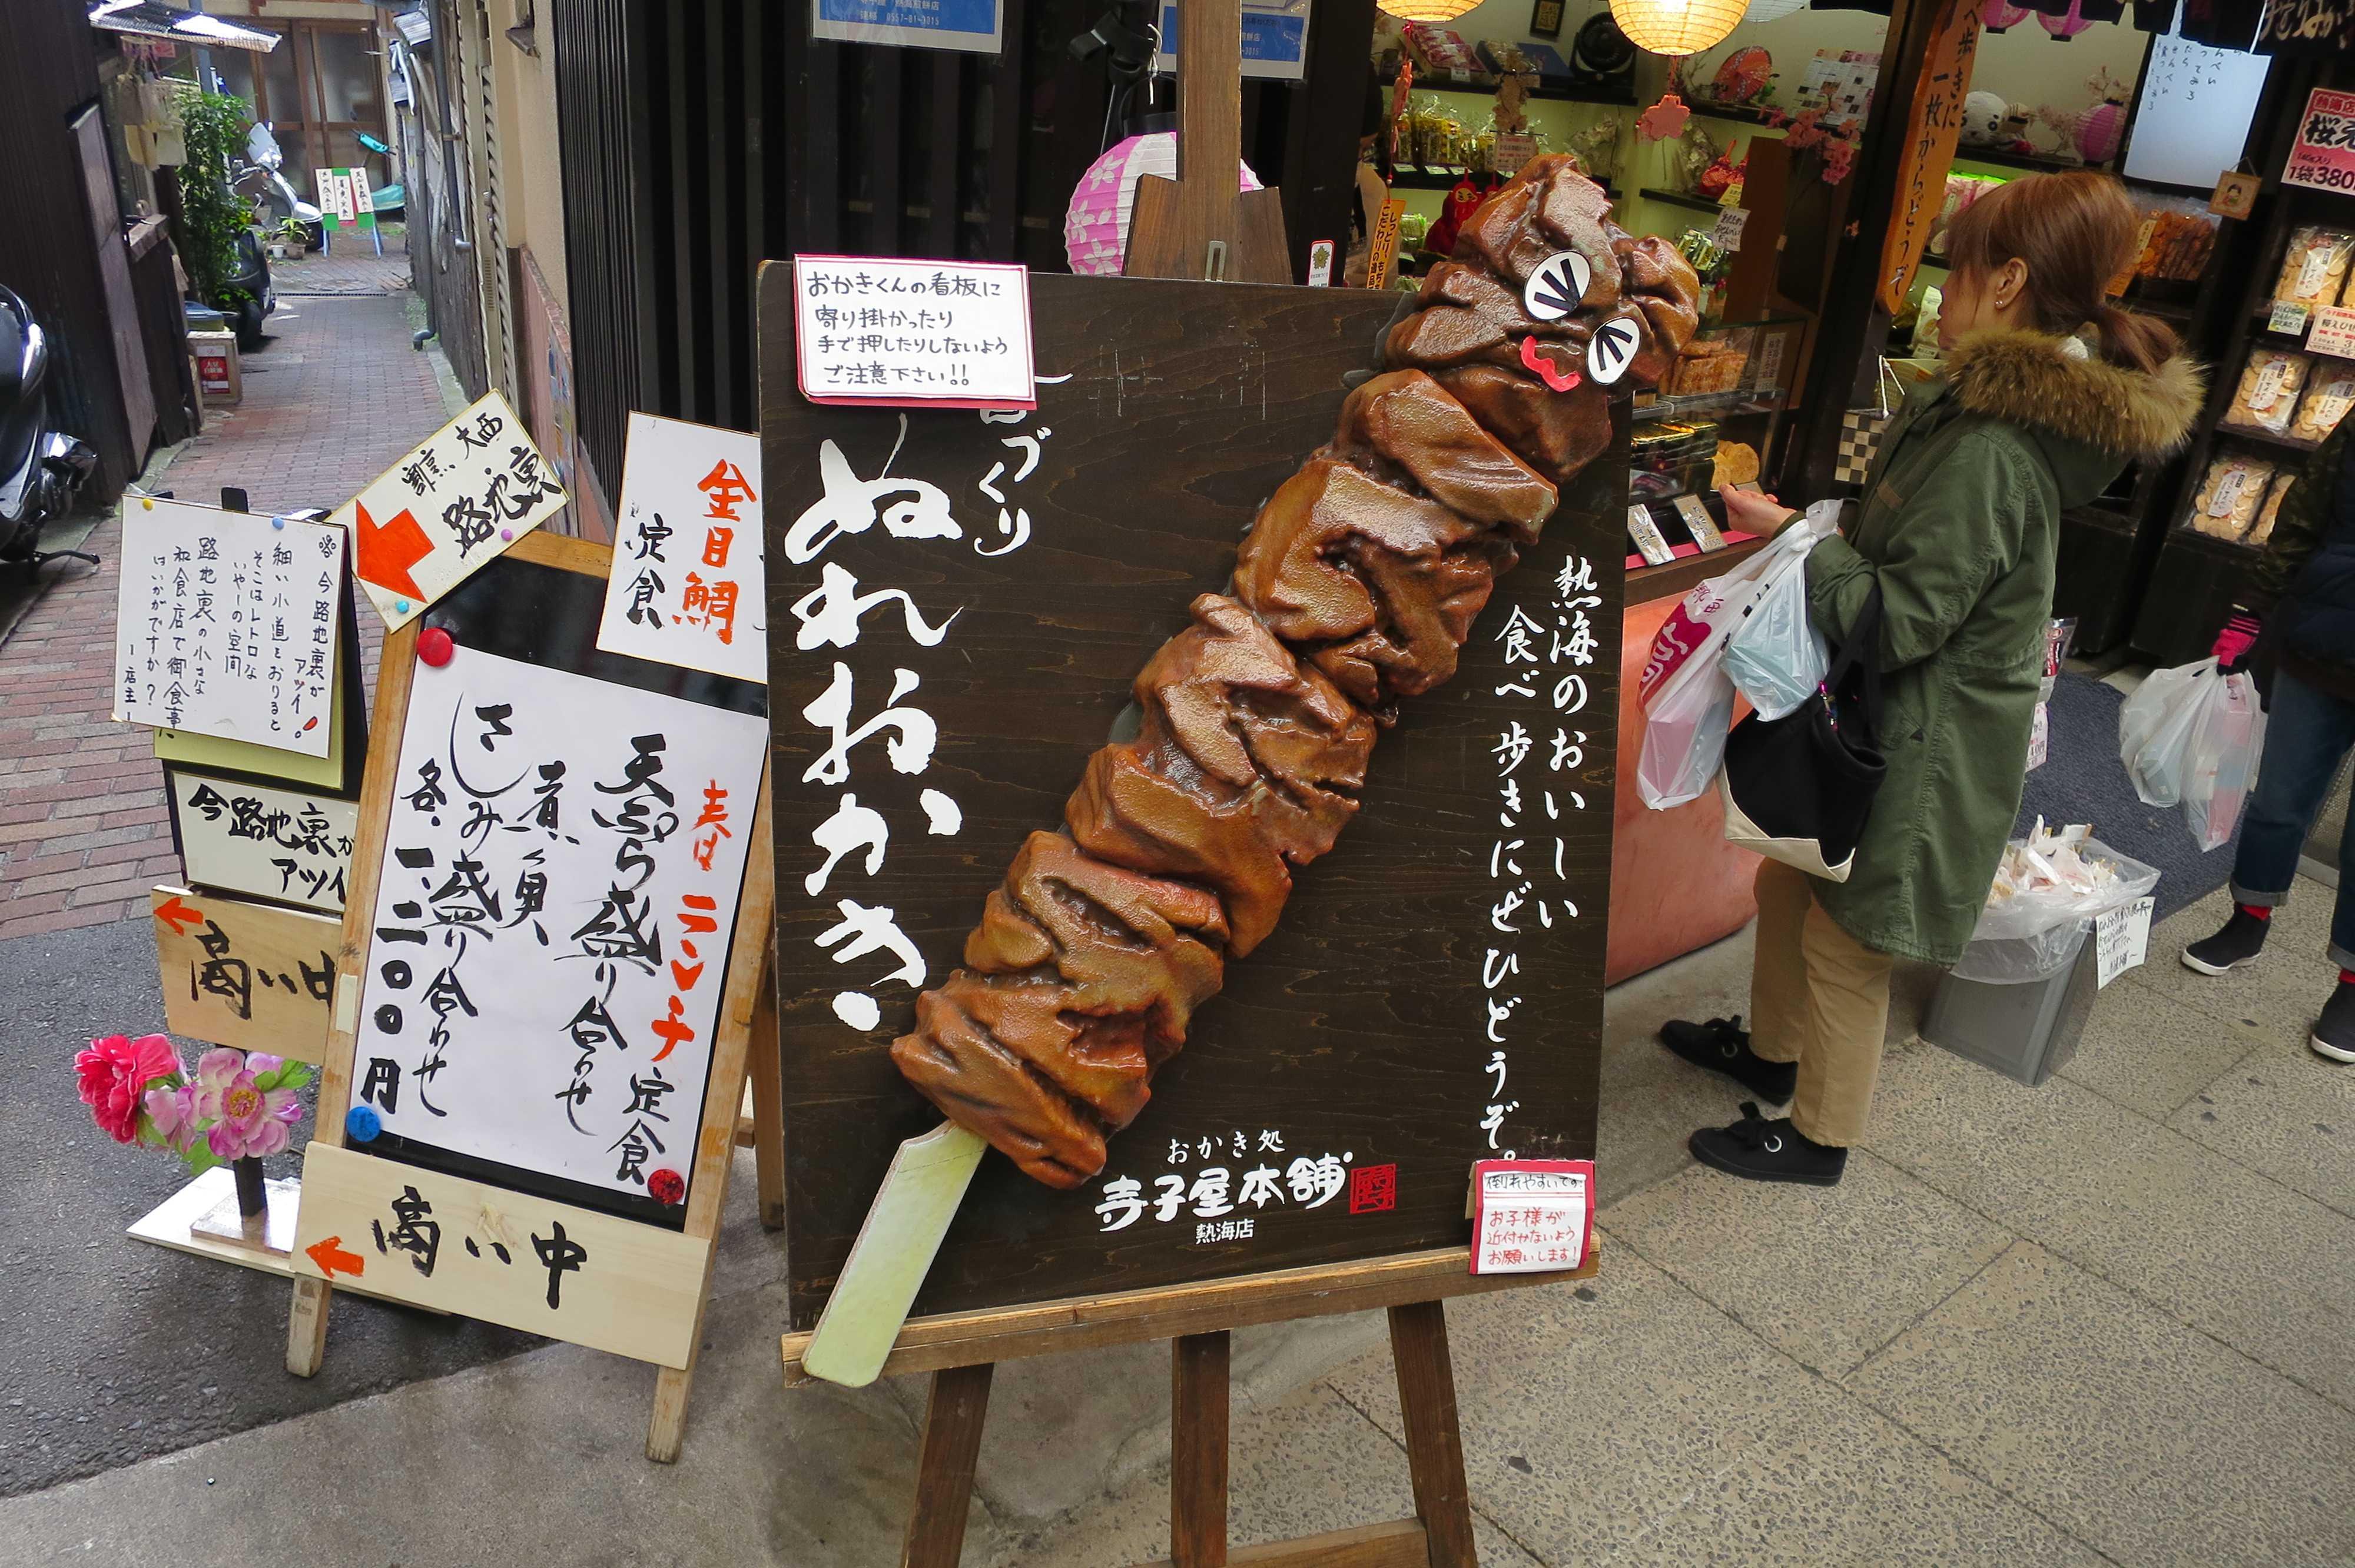 熱海 - ぬれおかき